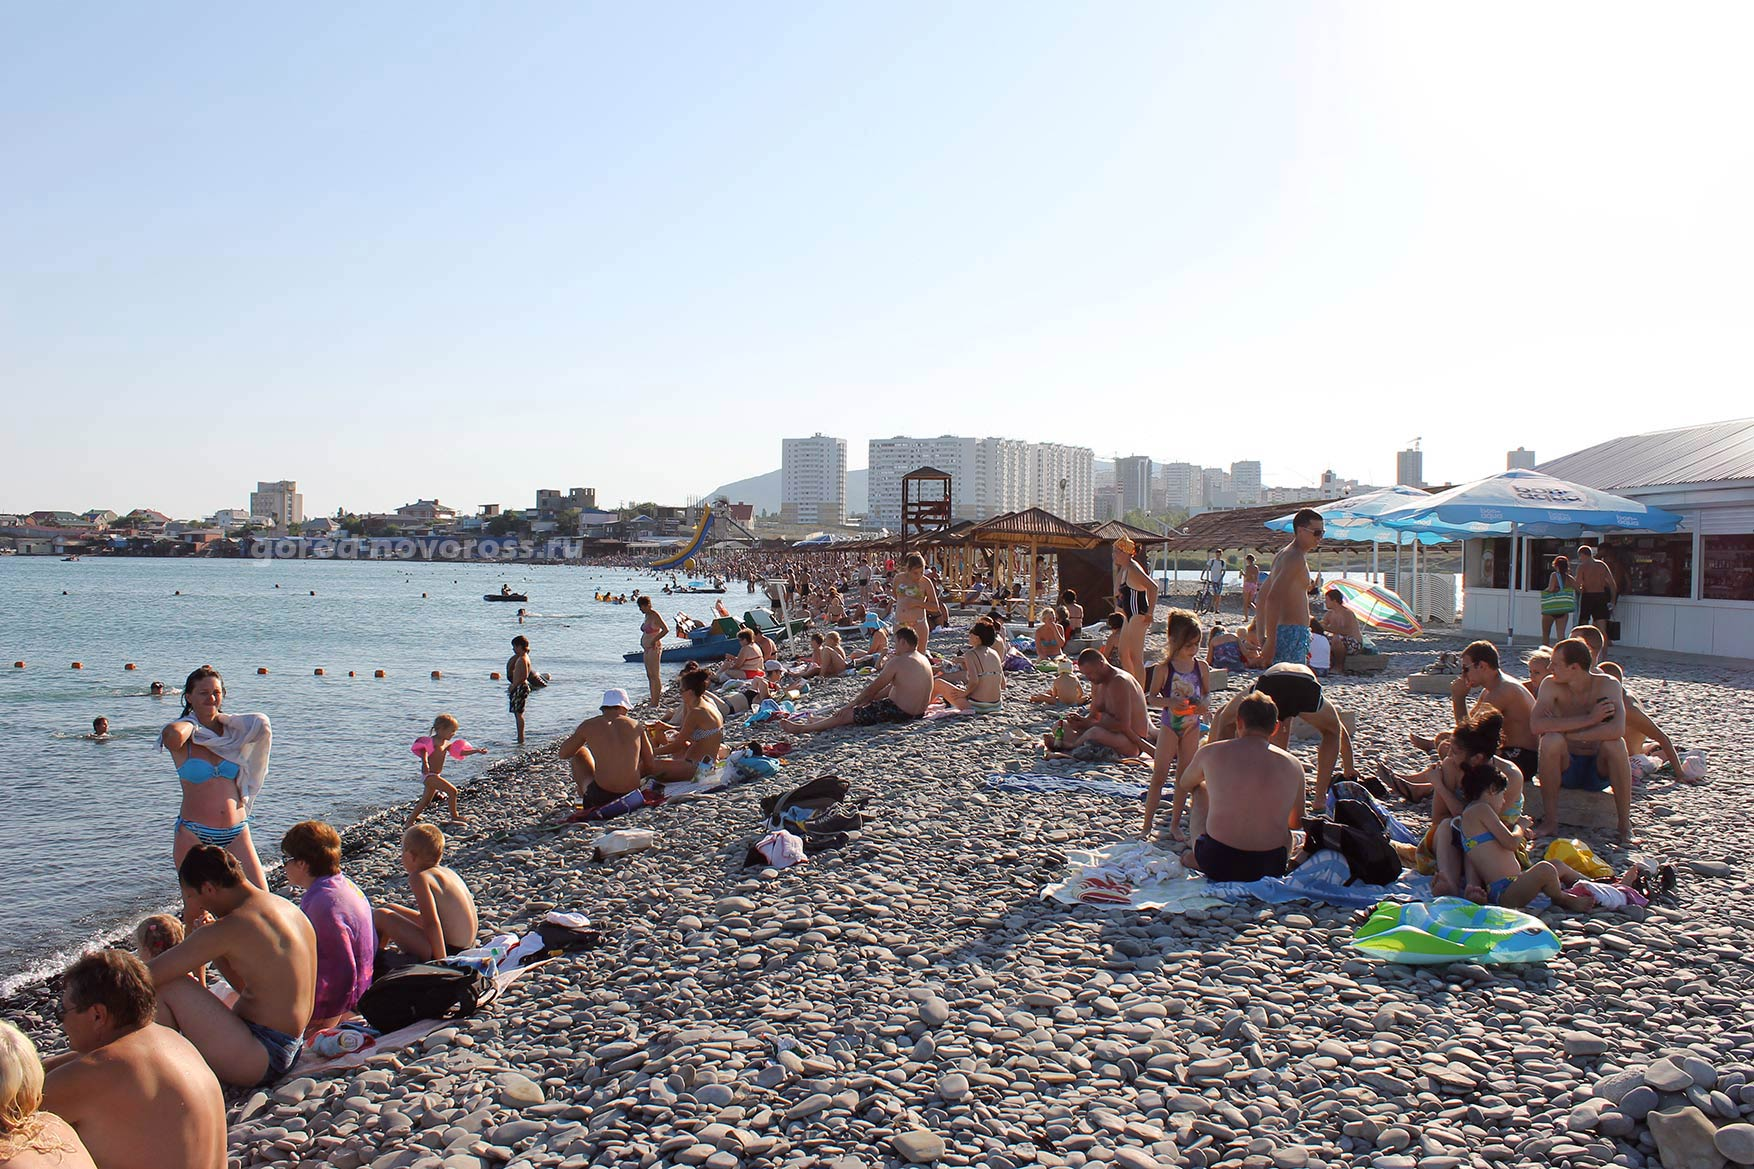 Коста брава фото пляжей и набережной